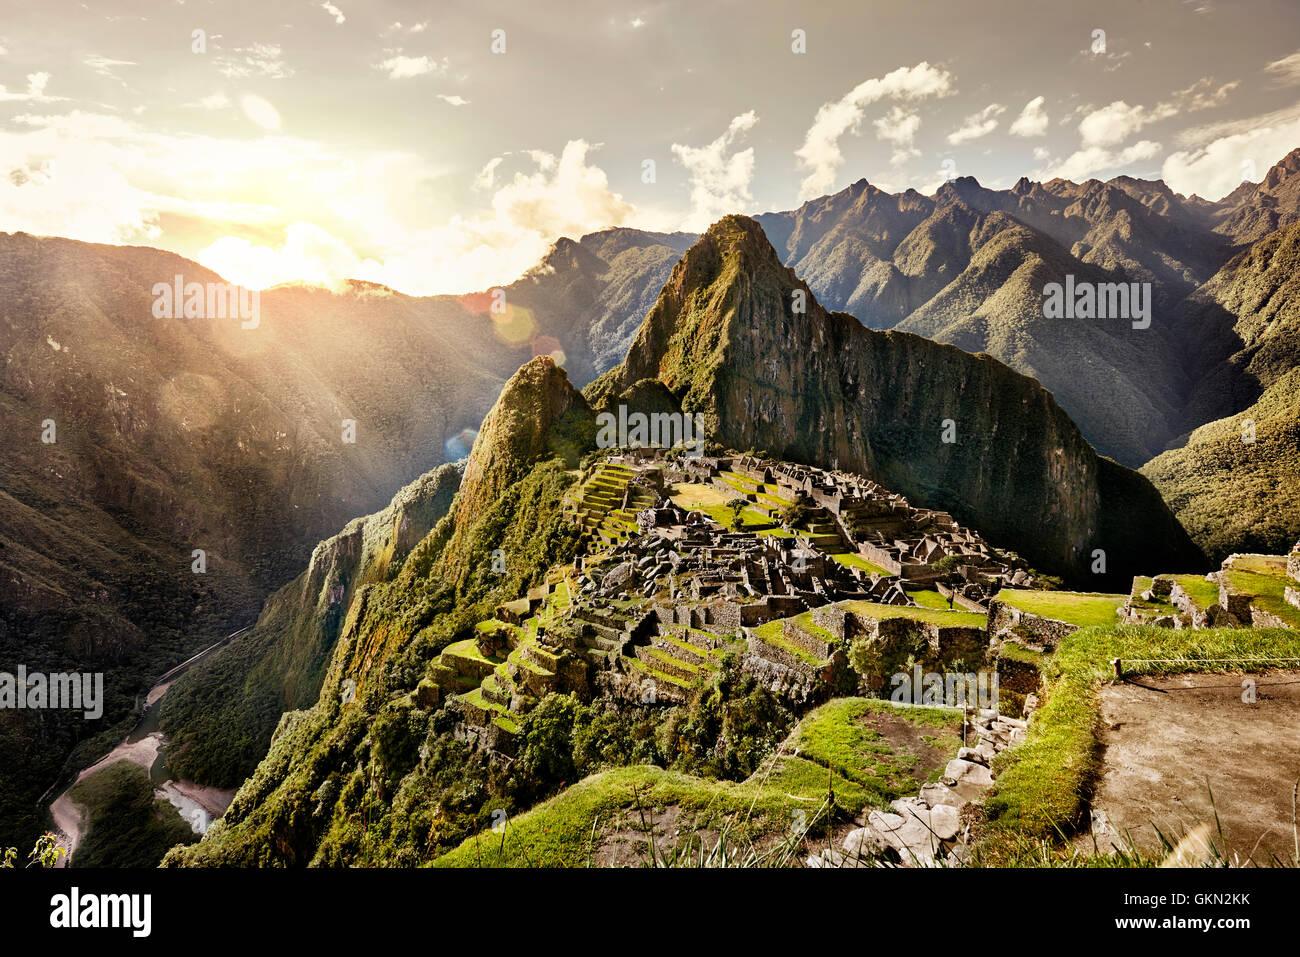 MACHU PICCHU, PERU - 31. Mai 2015: Blick von der alten Inca Stadt Machu Picchu. Das 15. Jahrhundert Inka Website. Stockbild